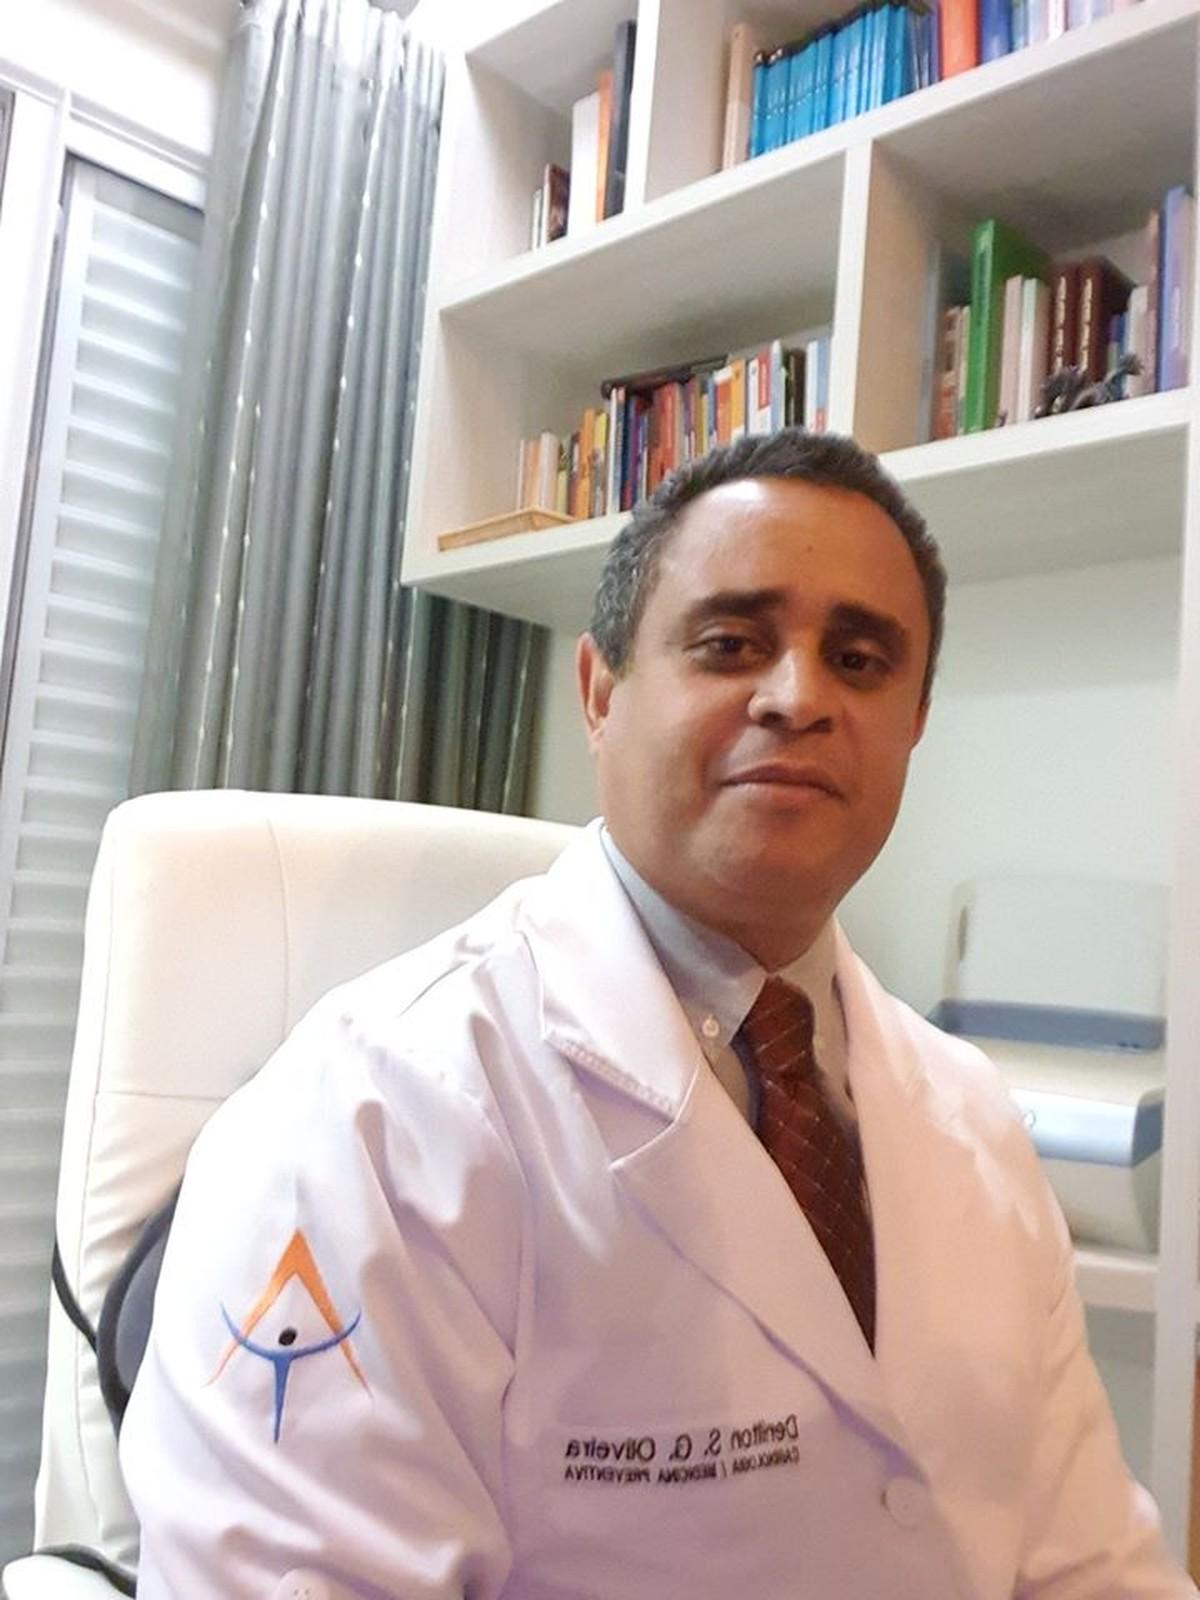 Coronavírus: Médico alerta para cuidados ao manusear itens pessoais em público – G1